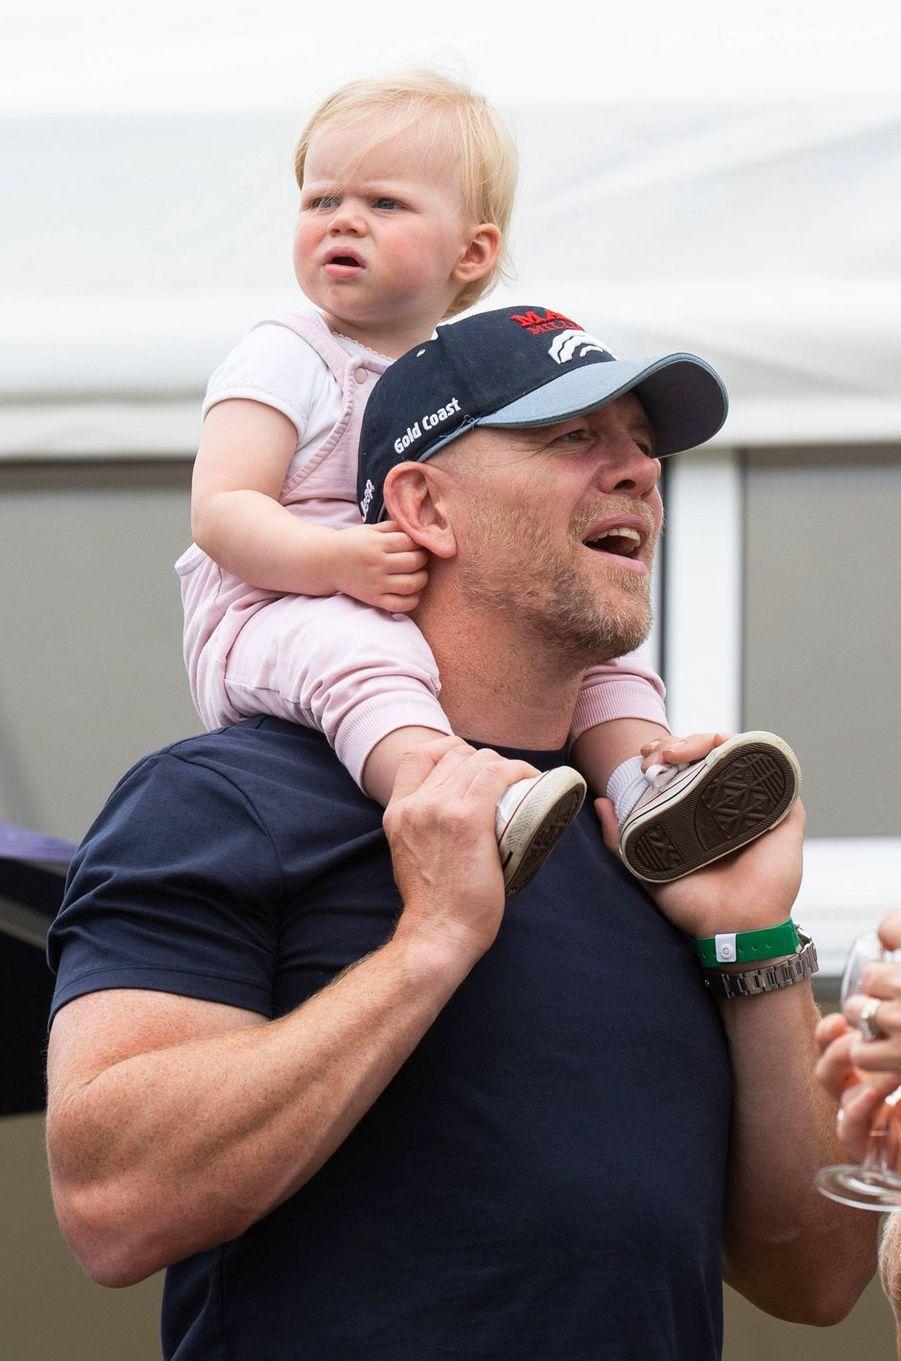 Lena avec son père Mike Tindall à Gatcombe Park, le 3 août 2019